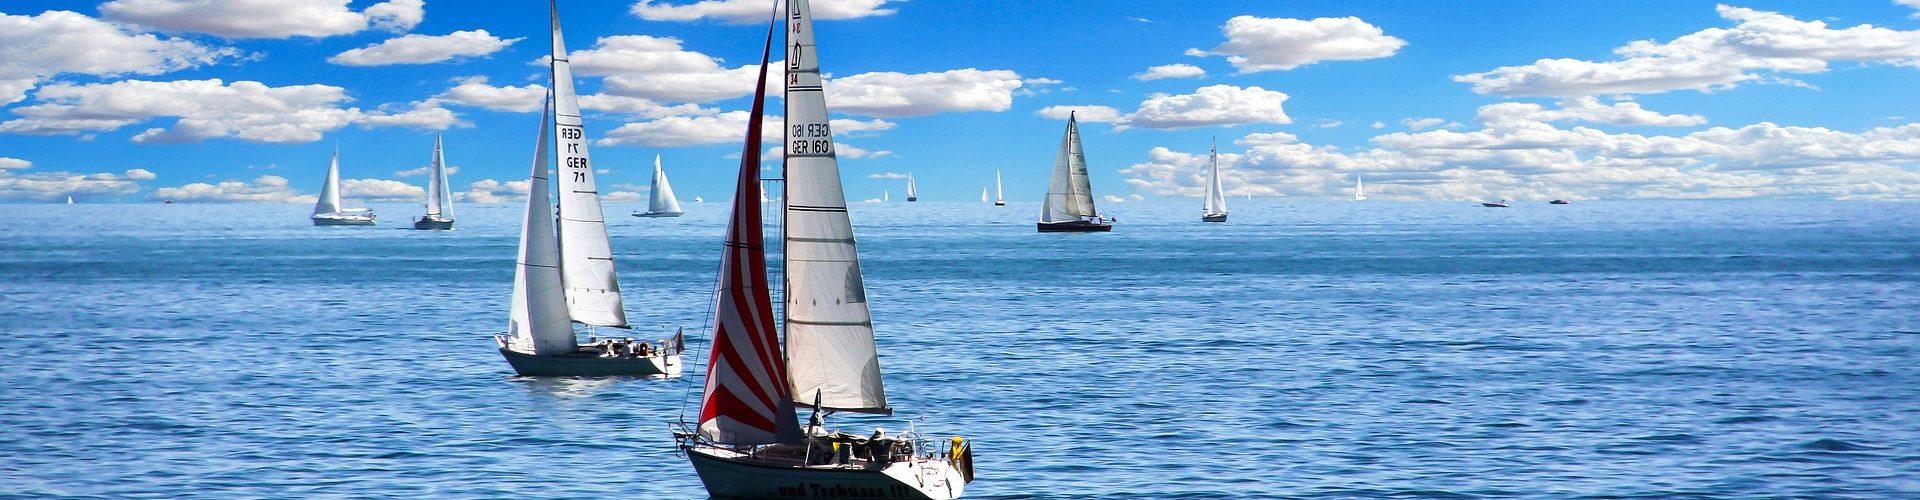 segeln lernen in Beetzsee segelschein machen in Beetzsee 1920x500 - Segeln lernen in Beetzsee